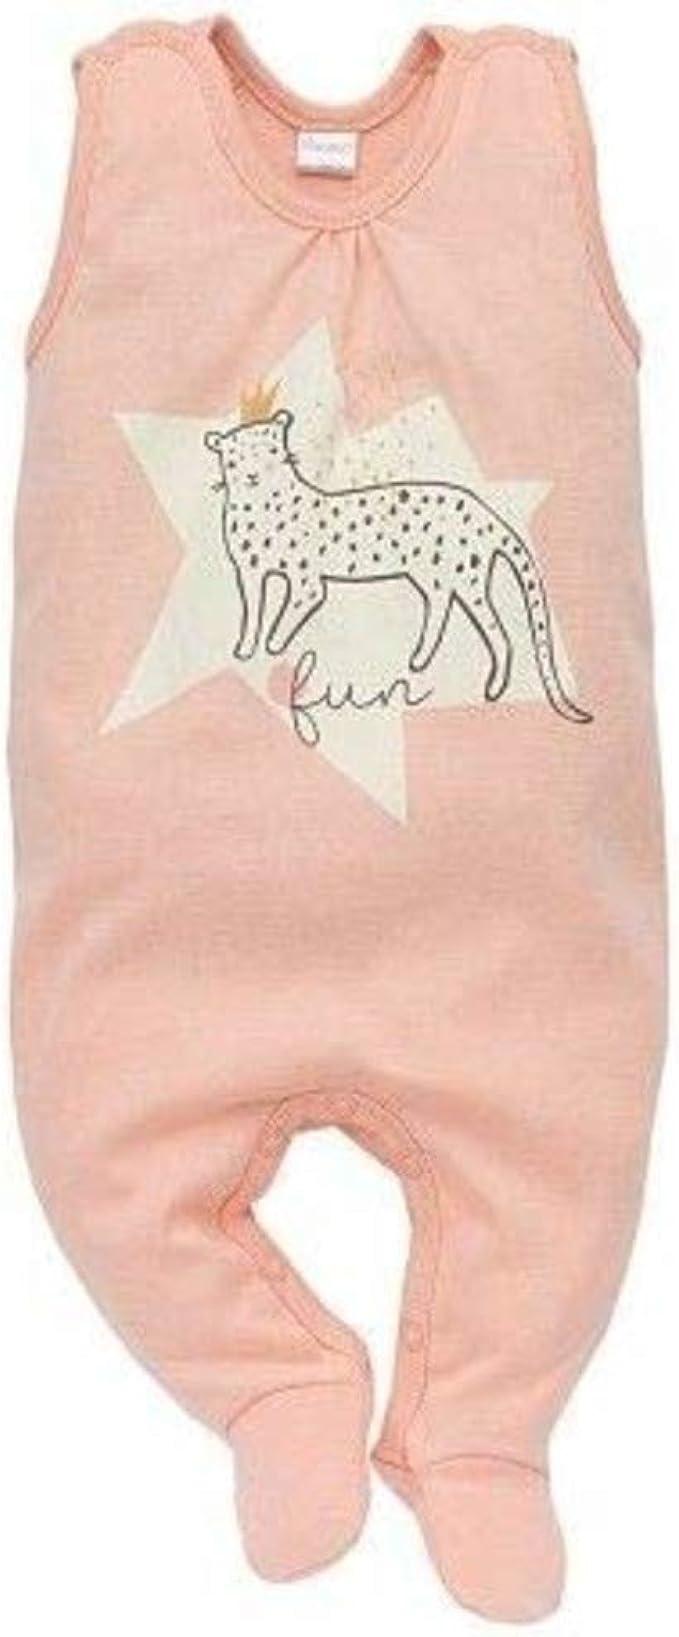 Overall Baby Girls Schlafanzug 100/% Baumwolle Lachs Rosa mit Leopard und Herz Stern- Strampelanzug Schlafstrampler Sweet Panther Pinokio Lang/ärmlig mit Druckkn/öpfen